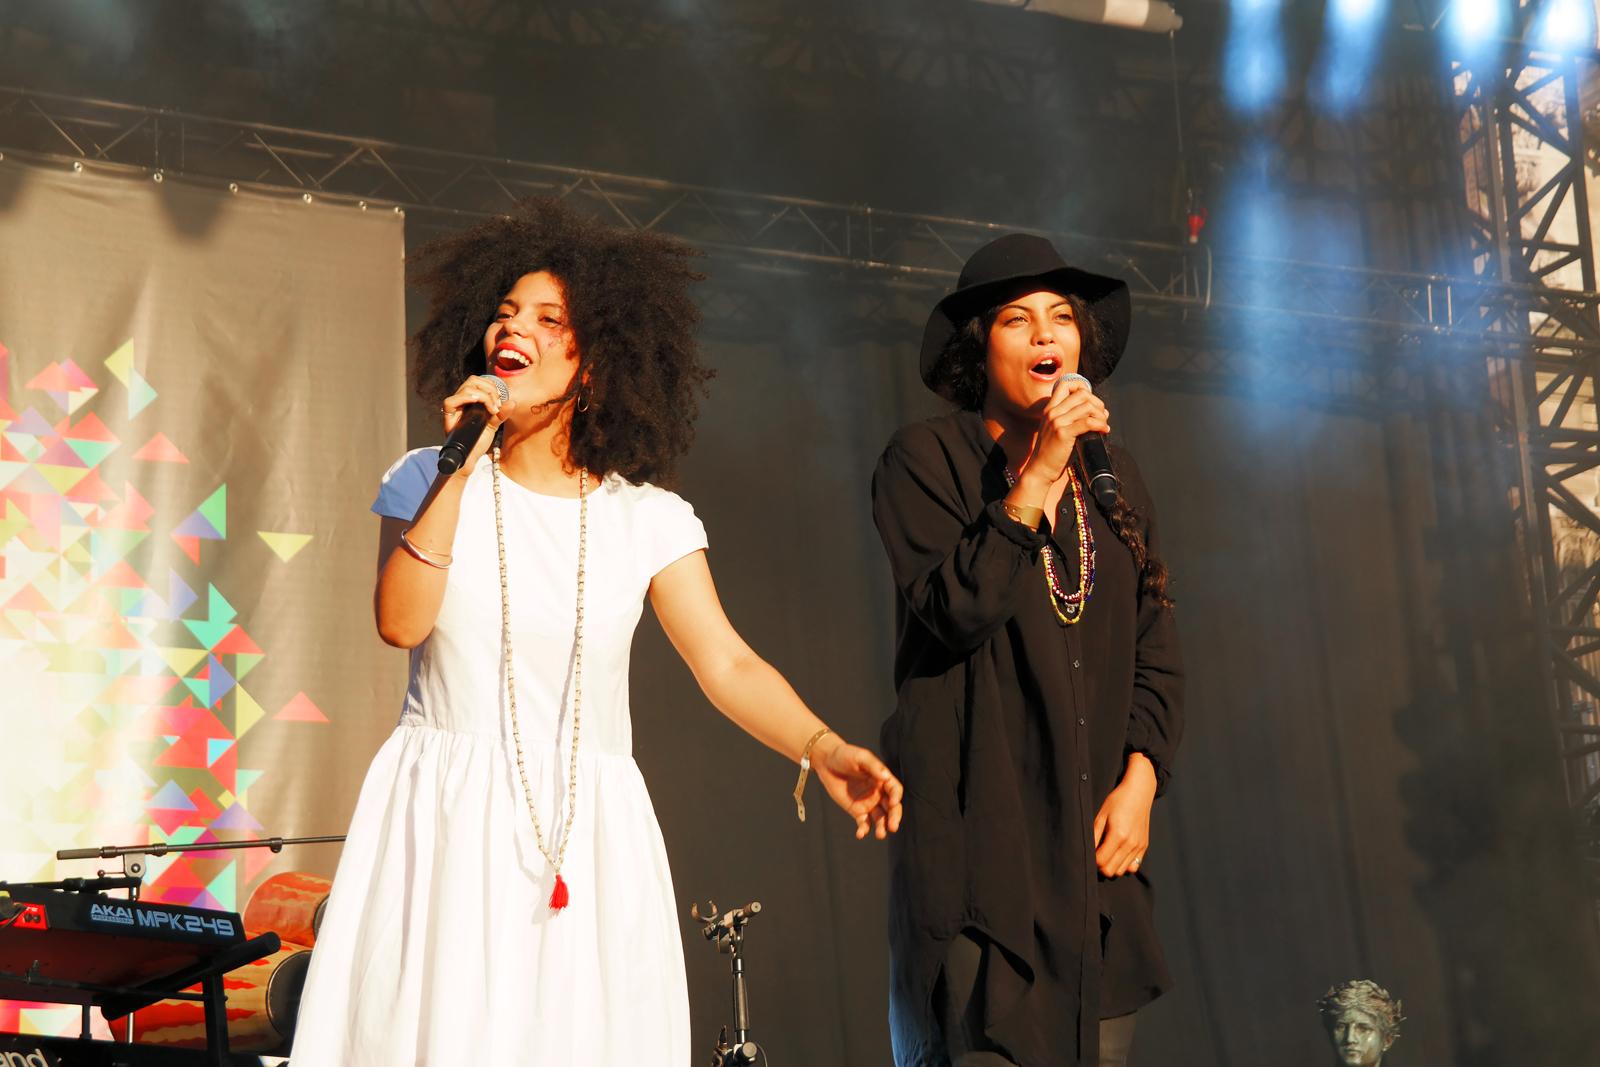 Ibeyi-live-concert-festival-fnaclive-2015-paris-Lisa-Kaindé-et-Naomi-Diaz-musique-tournée-stage-photo-scène-by-united-states-of-paris-blog